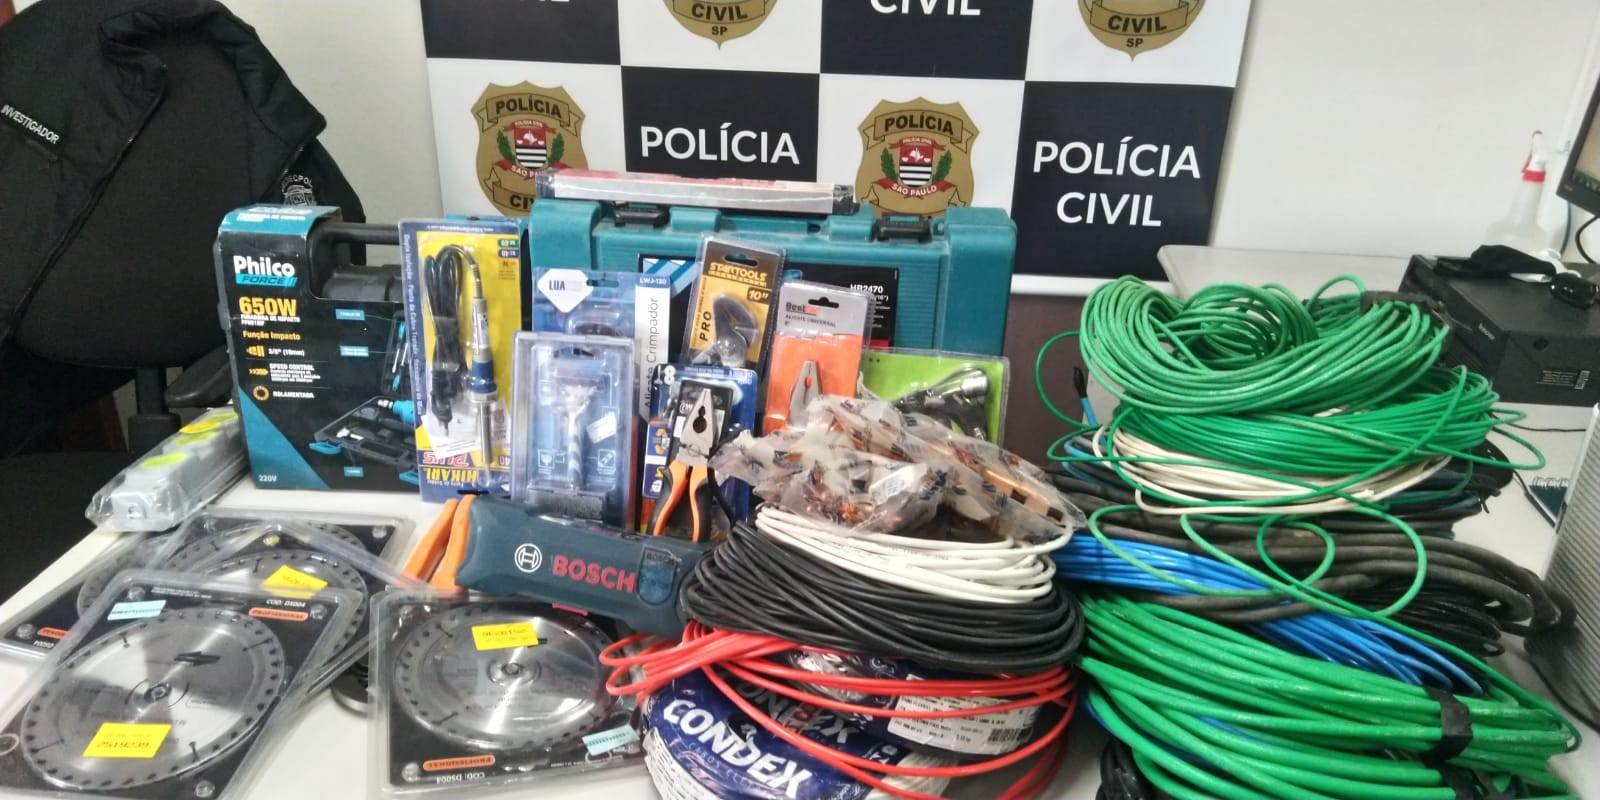 Homem é preso por receptação na comunidade Santa Cruz em São José dos Campos